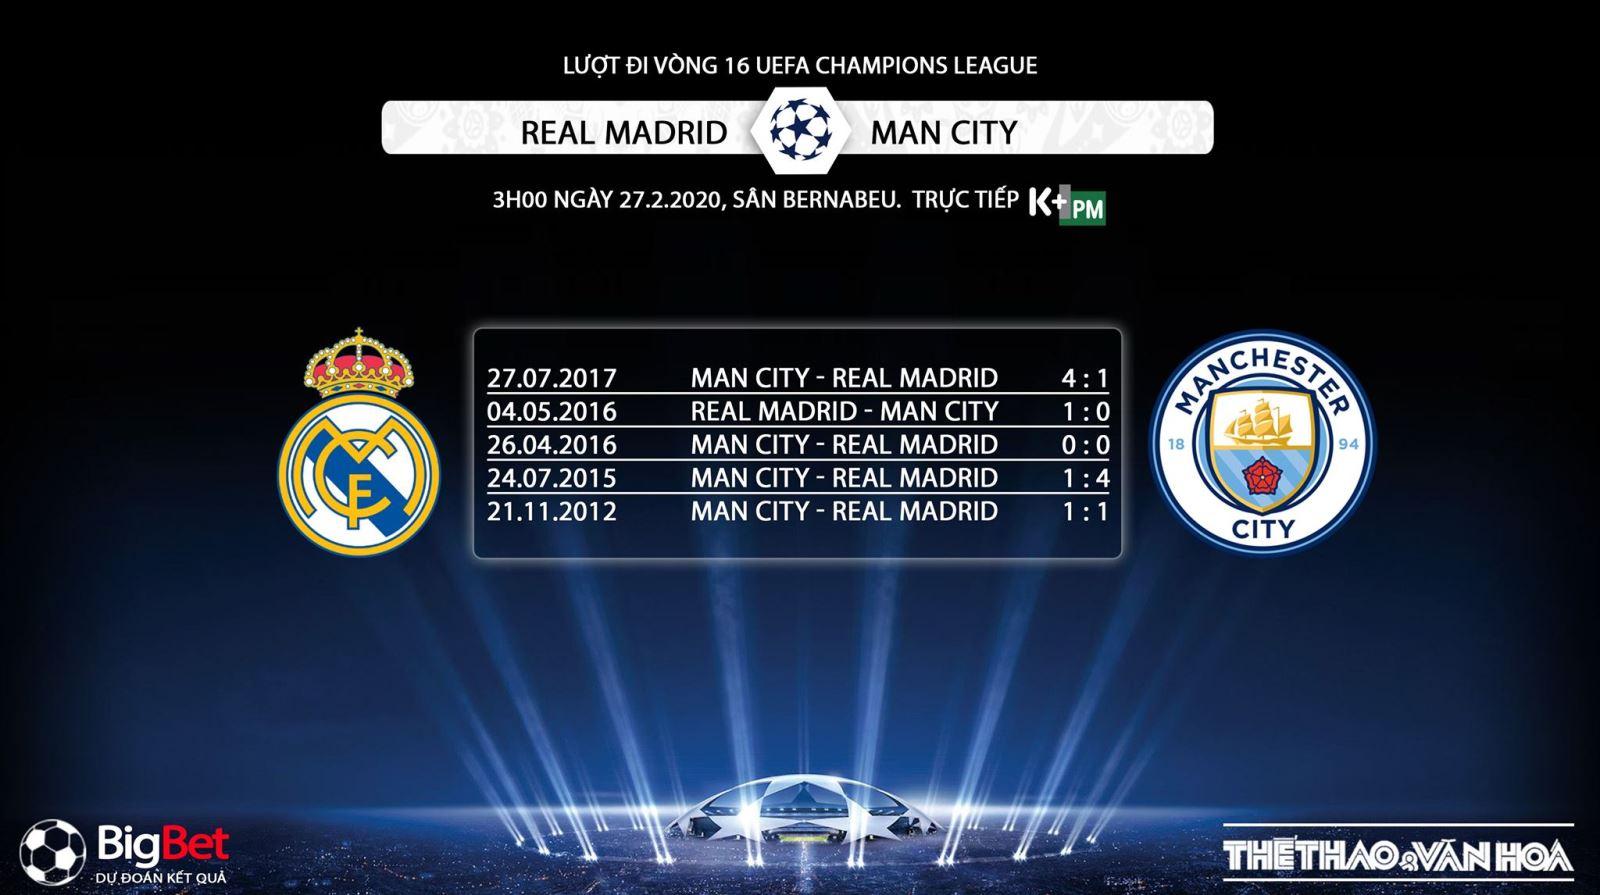 Real Madrid vs Man City, nhận định Real Madrid vs Man City, dự đoán Real Madrid vs Man City, soi kèo Real Madrid vs Man City, real madrid, man city, trực tiếp bóng đá, lịch thi đấu bóng đá, Cúp C1, Champions League